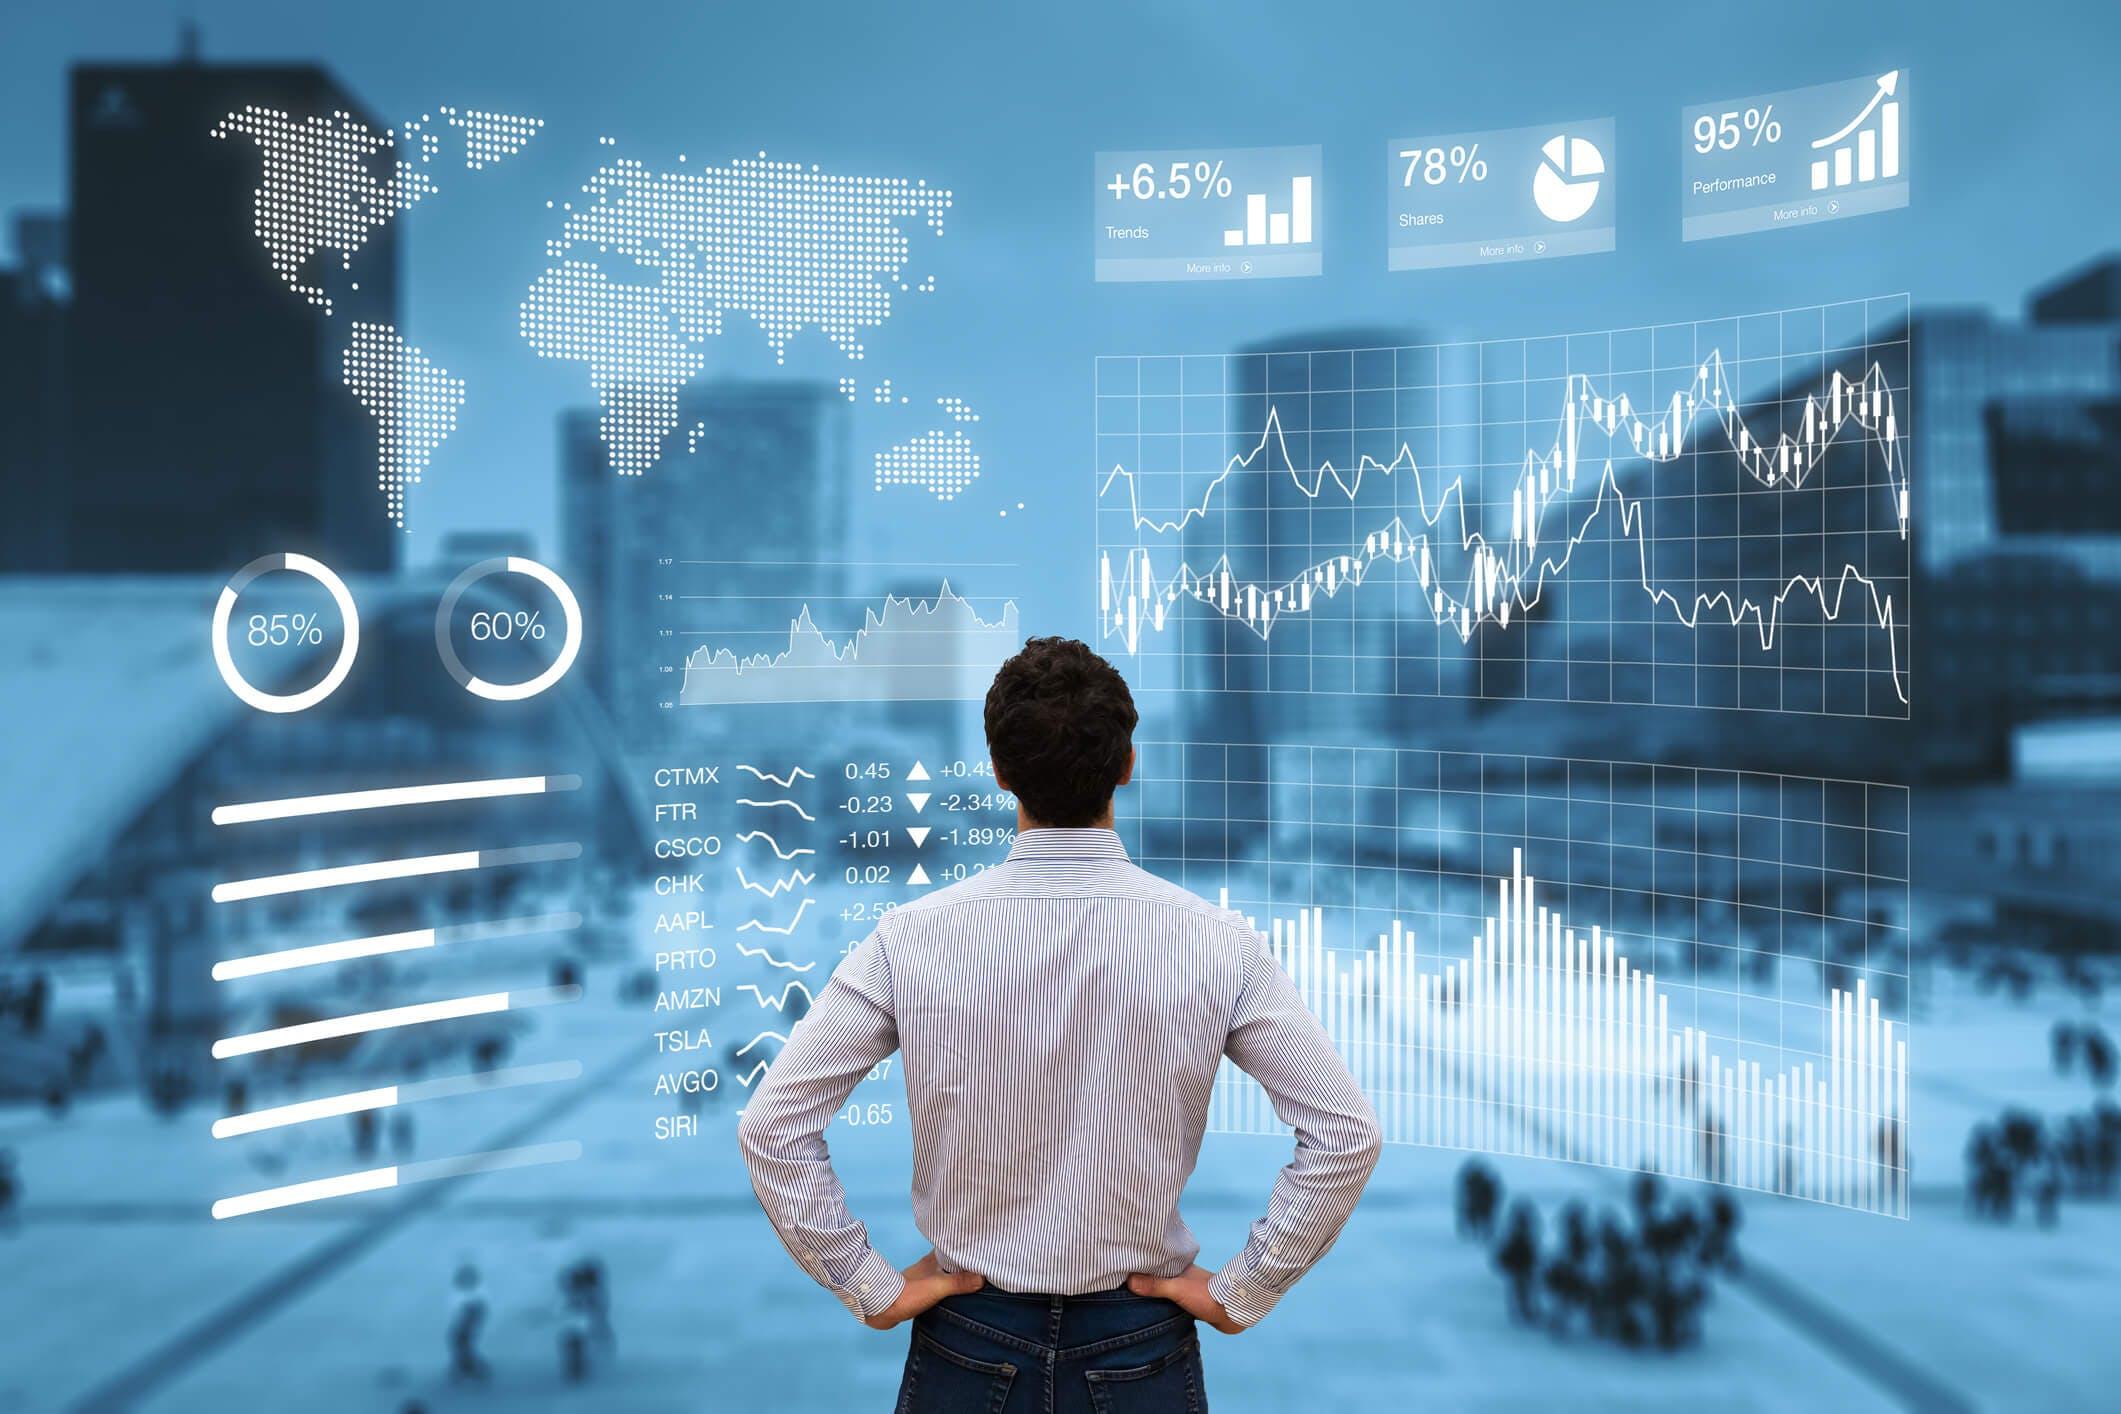 Titelbild-Mann-Börse-Zahlen-Statistik-Screen-iStock-660952912-NicoElNino